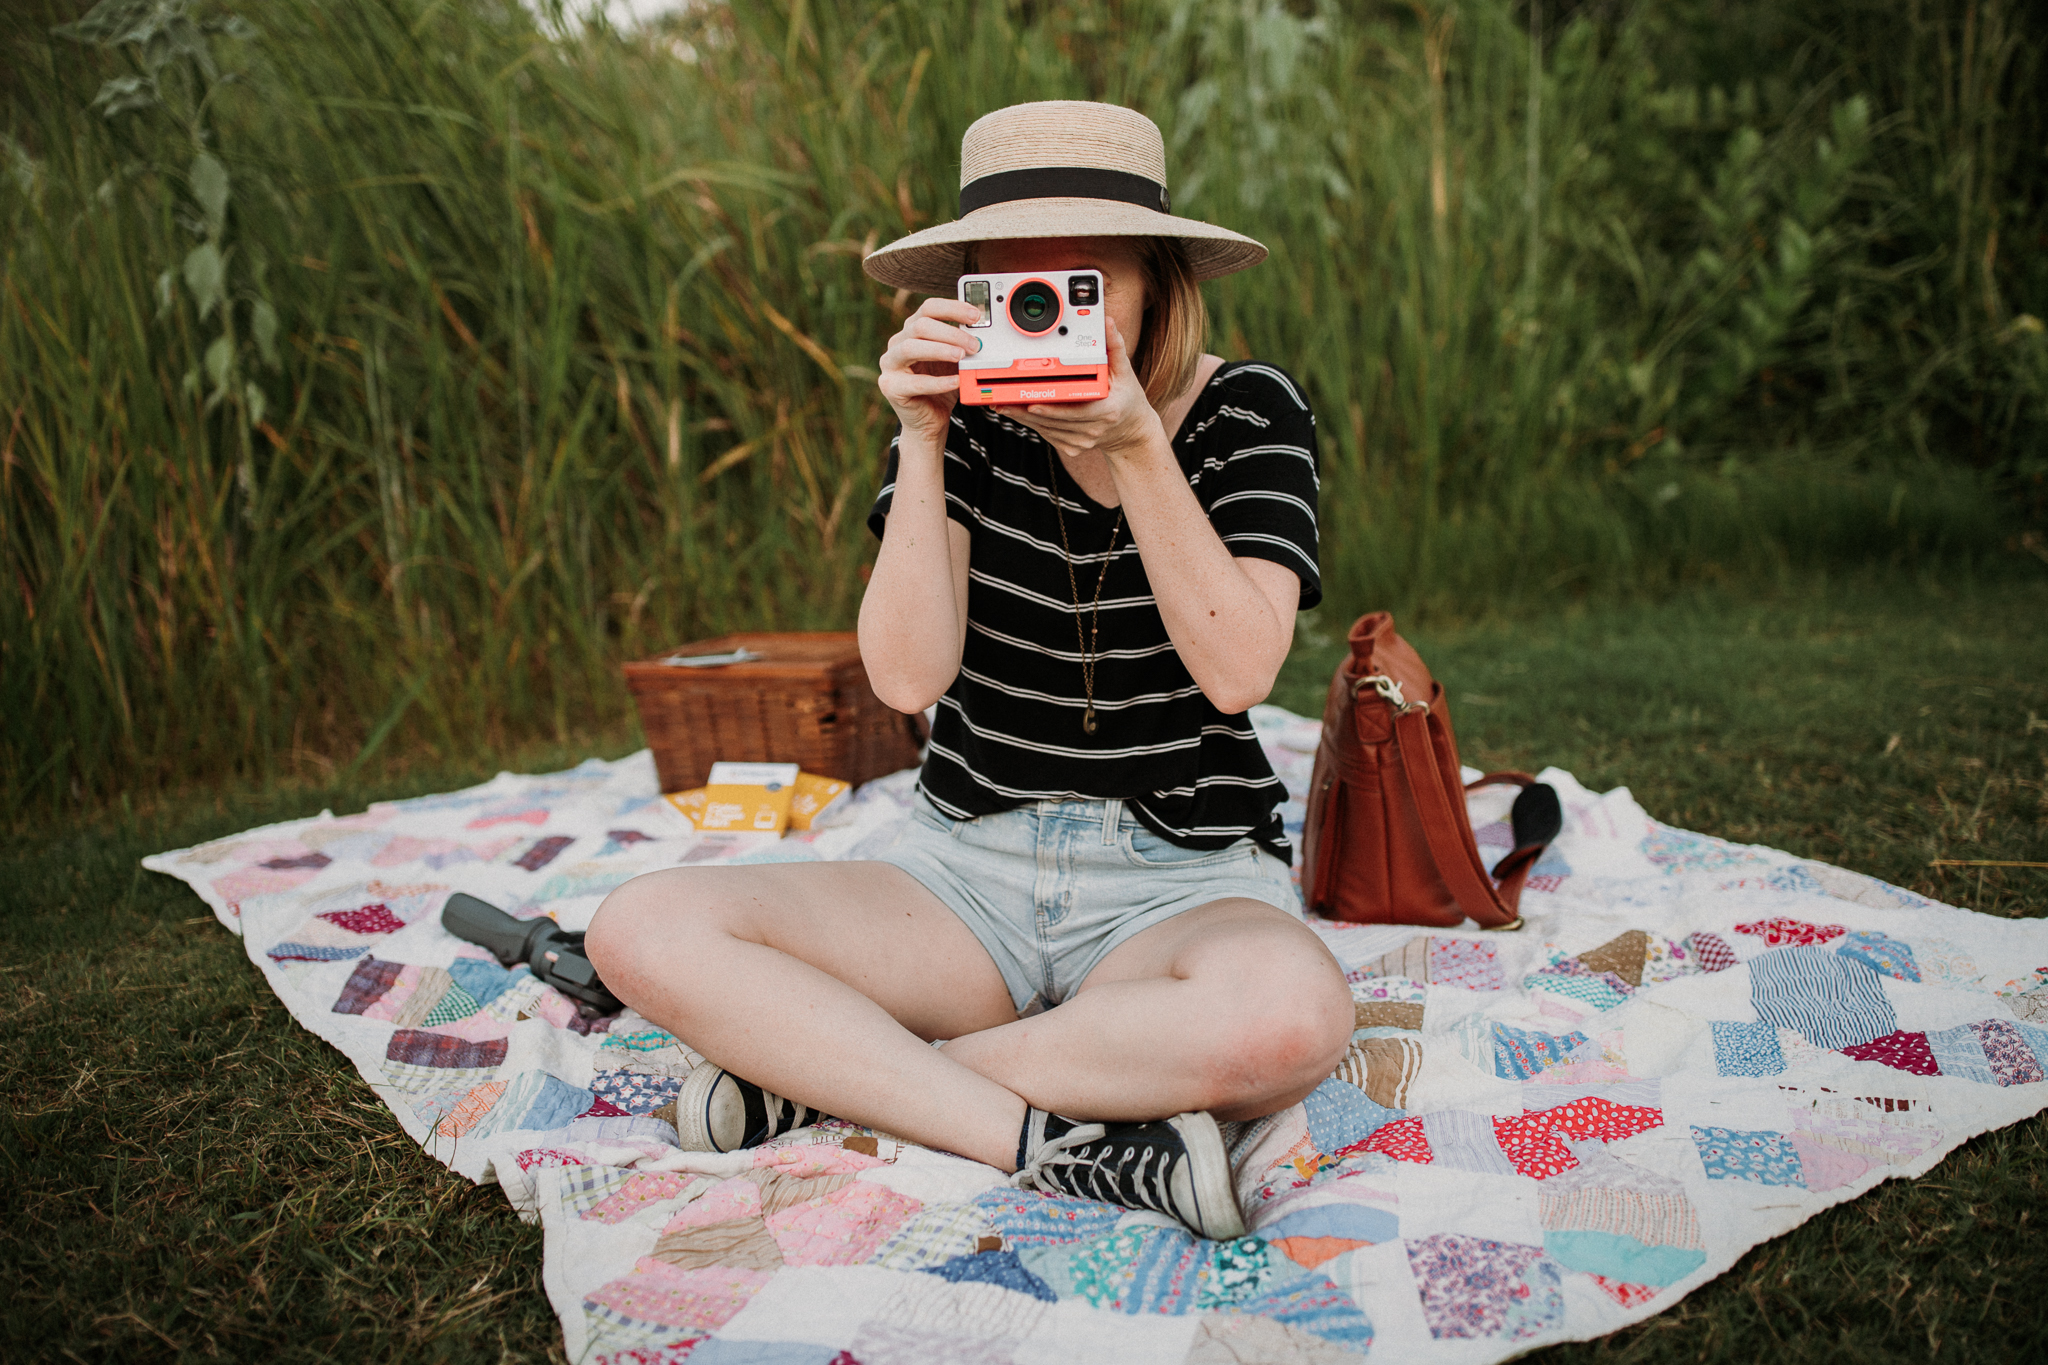 CorpusChristiPhotographer